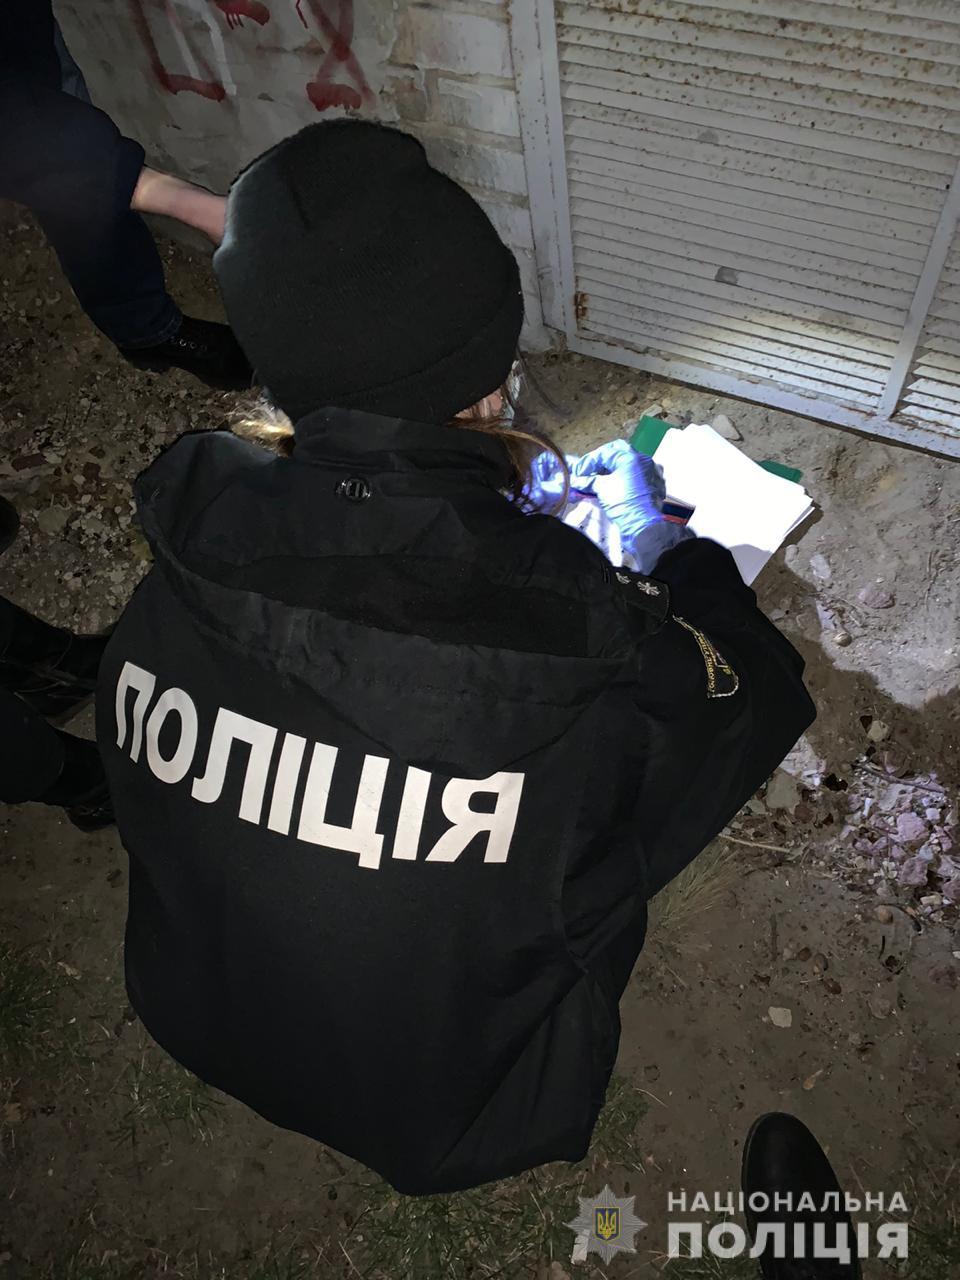 Метадон на 100 тисяч гривень: в Ірпені жінка продавала наркотики через «закладки» - Приірпіння, поліція Київщини, наркотики, Метадон, кримінал, київщина, ірпінь, Ірпінський відділ поліції, закладки - Irp zakladky 2